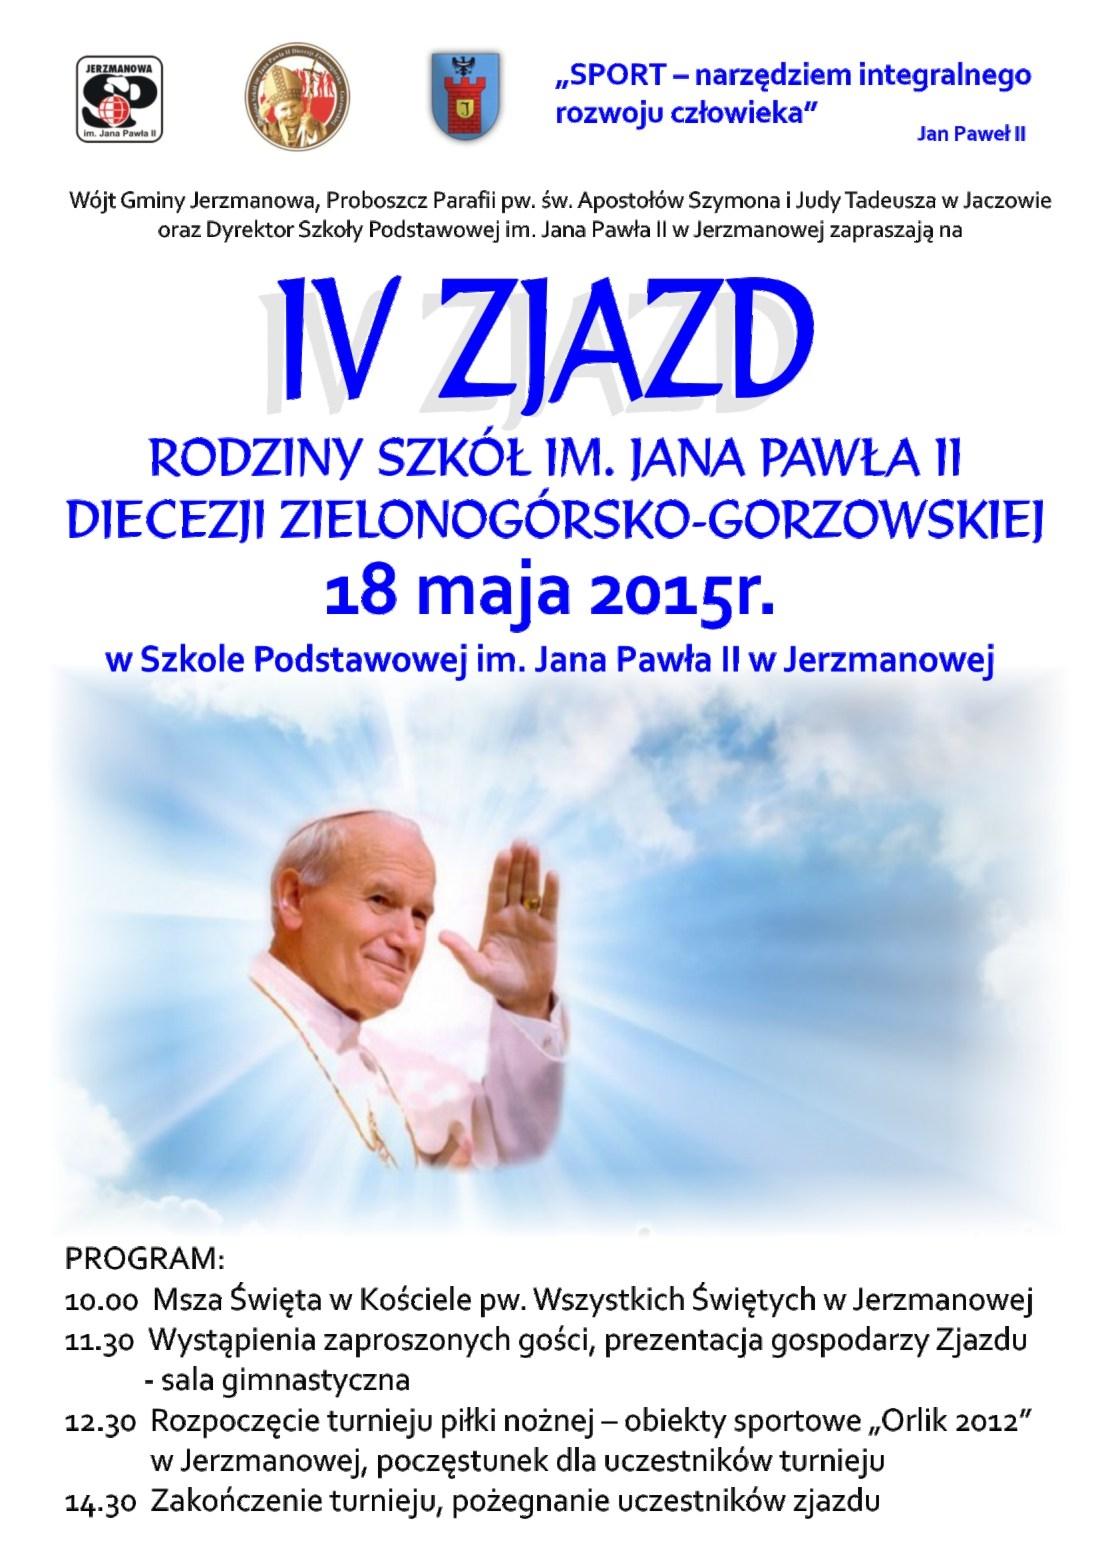 IV Zjazd Rodziny Szkół im. Jana Pawła II Diecezji Zielogonórsko-Gorzowskiej